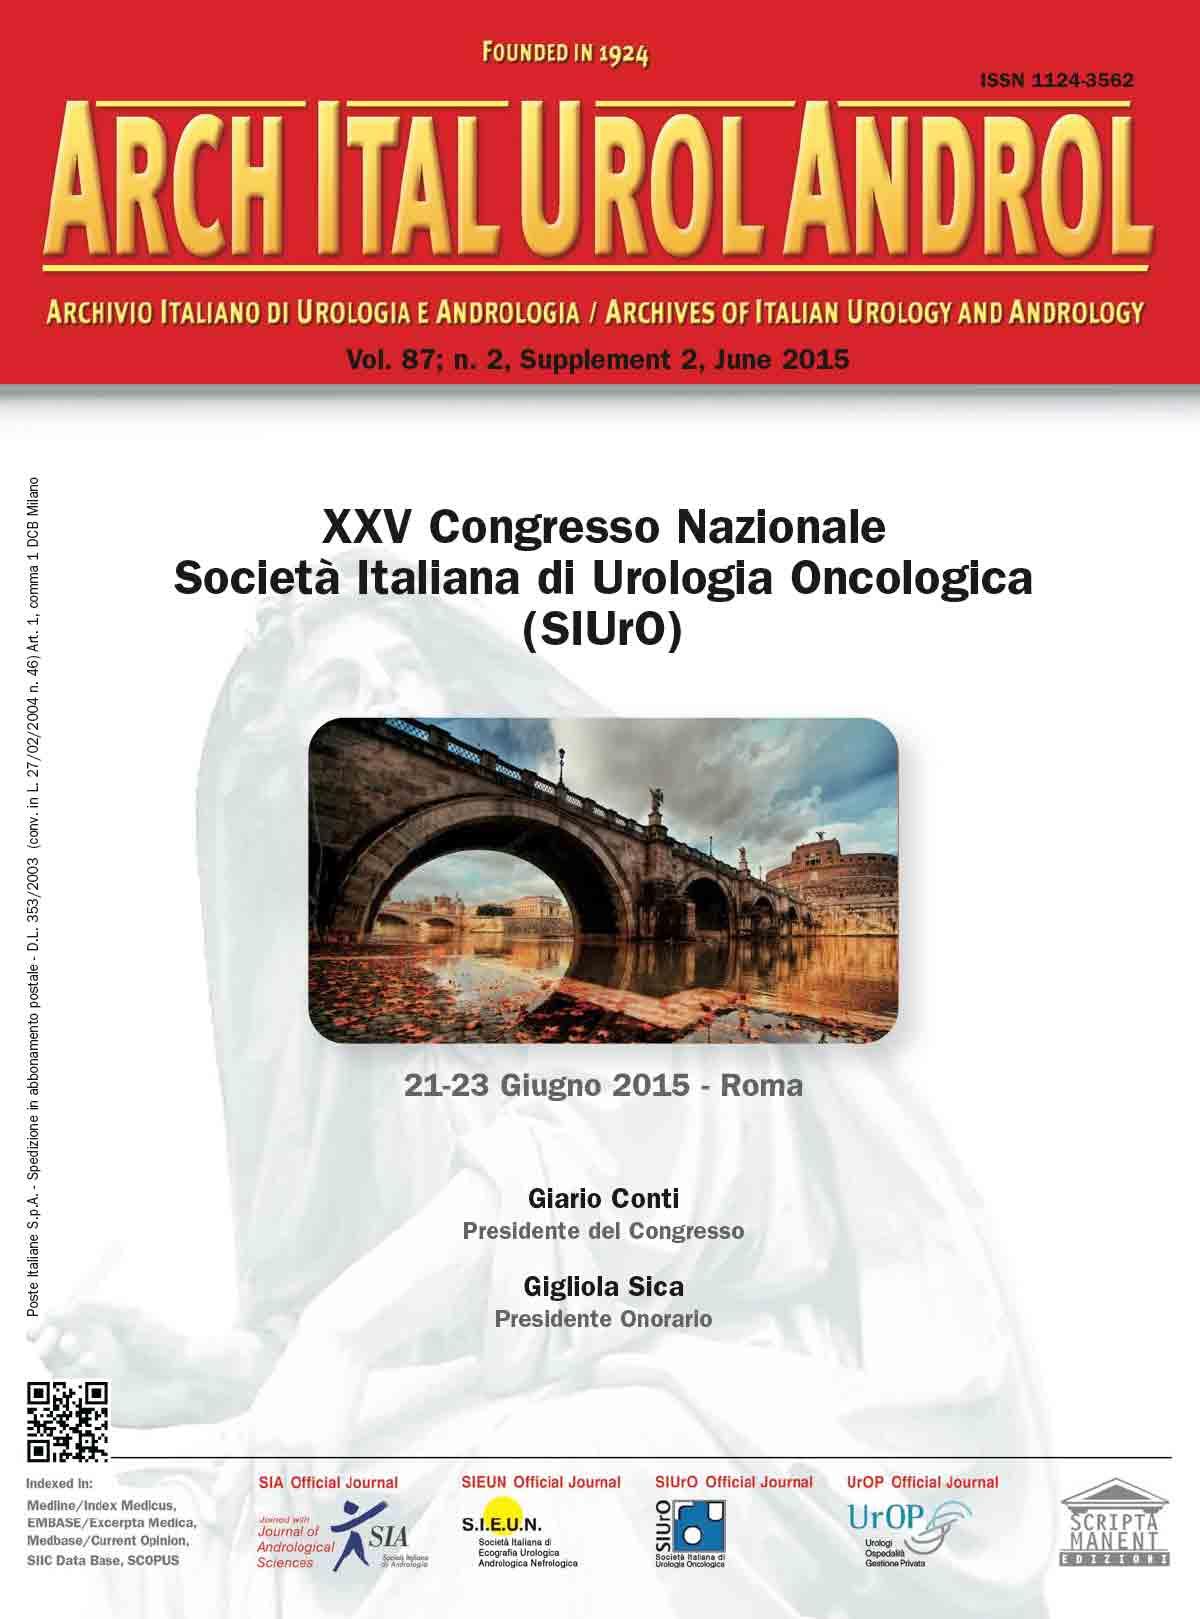 XXV Congresso Nazionale Societ Italiana Di Urologia Cologica SIUrO